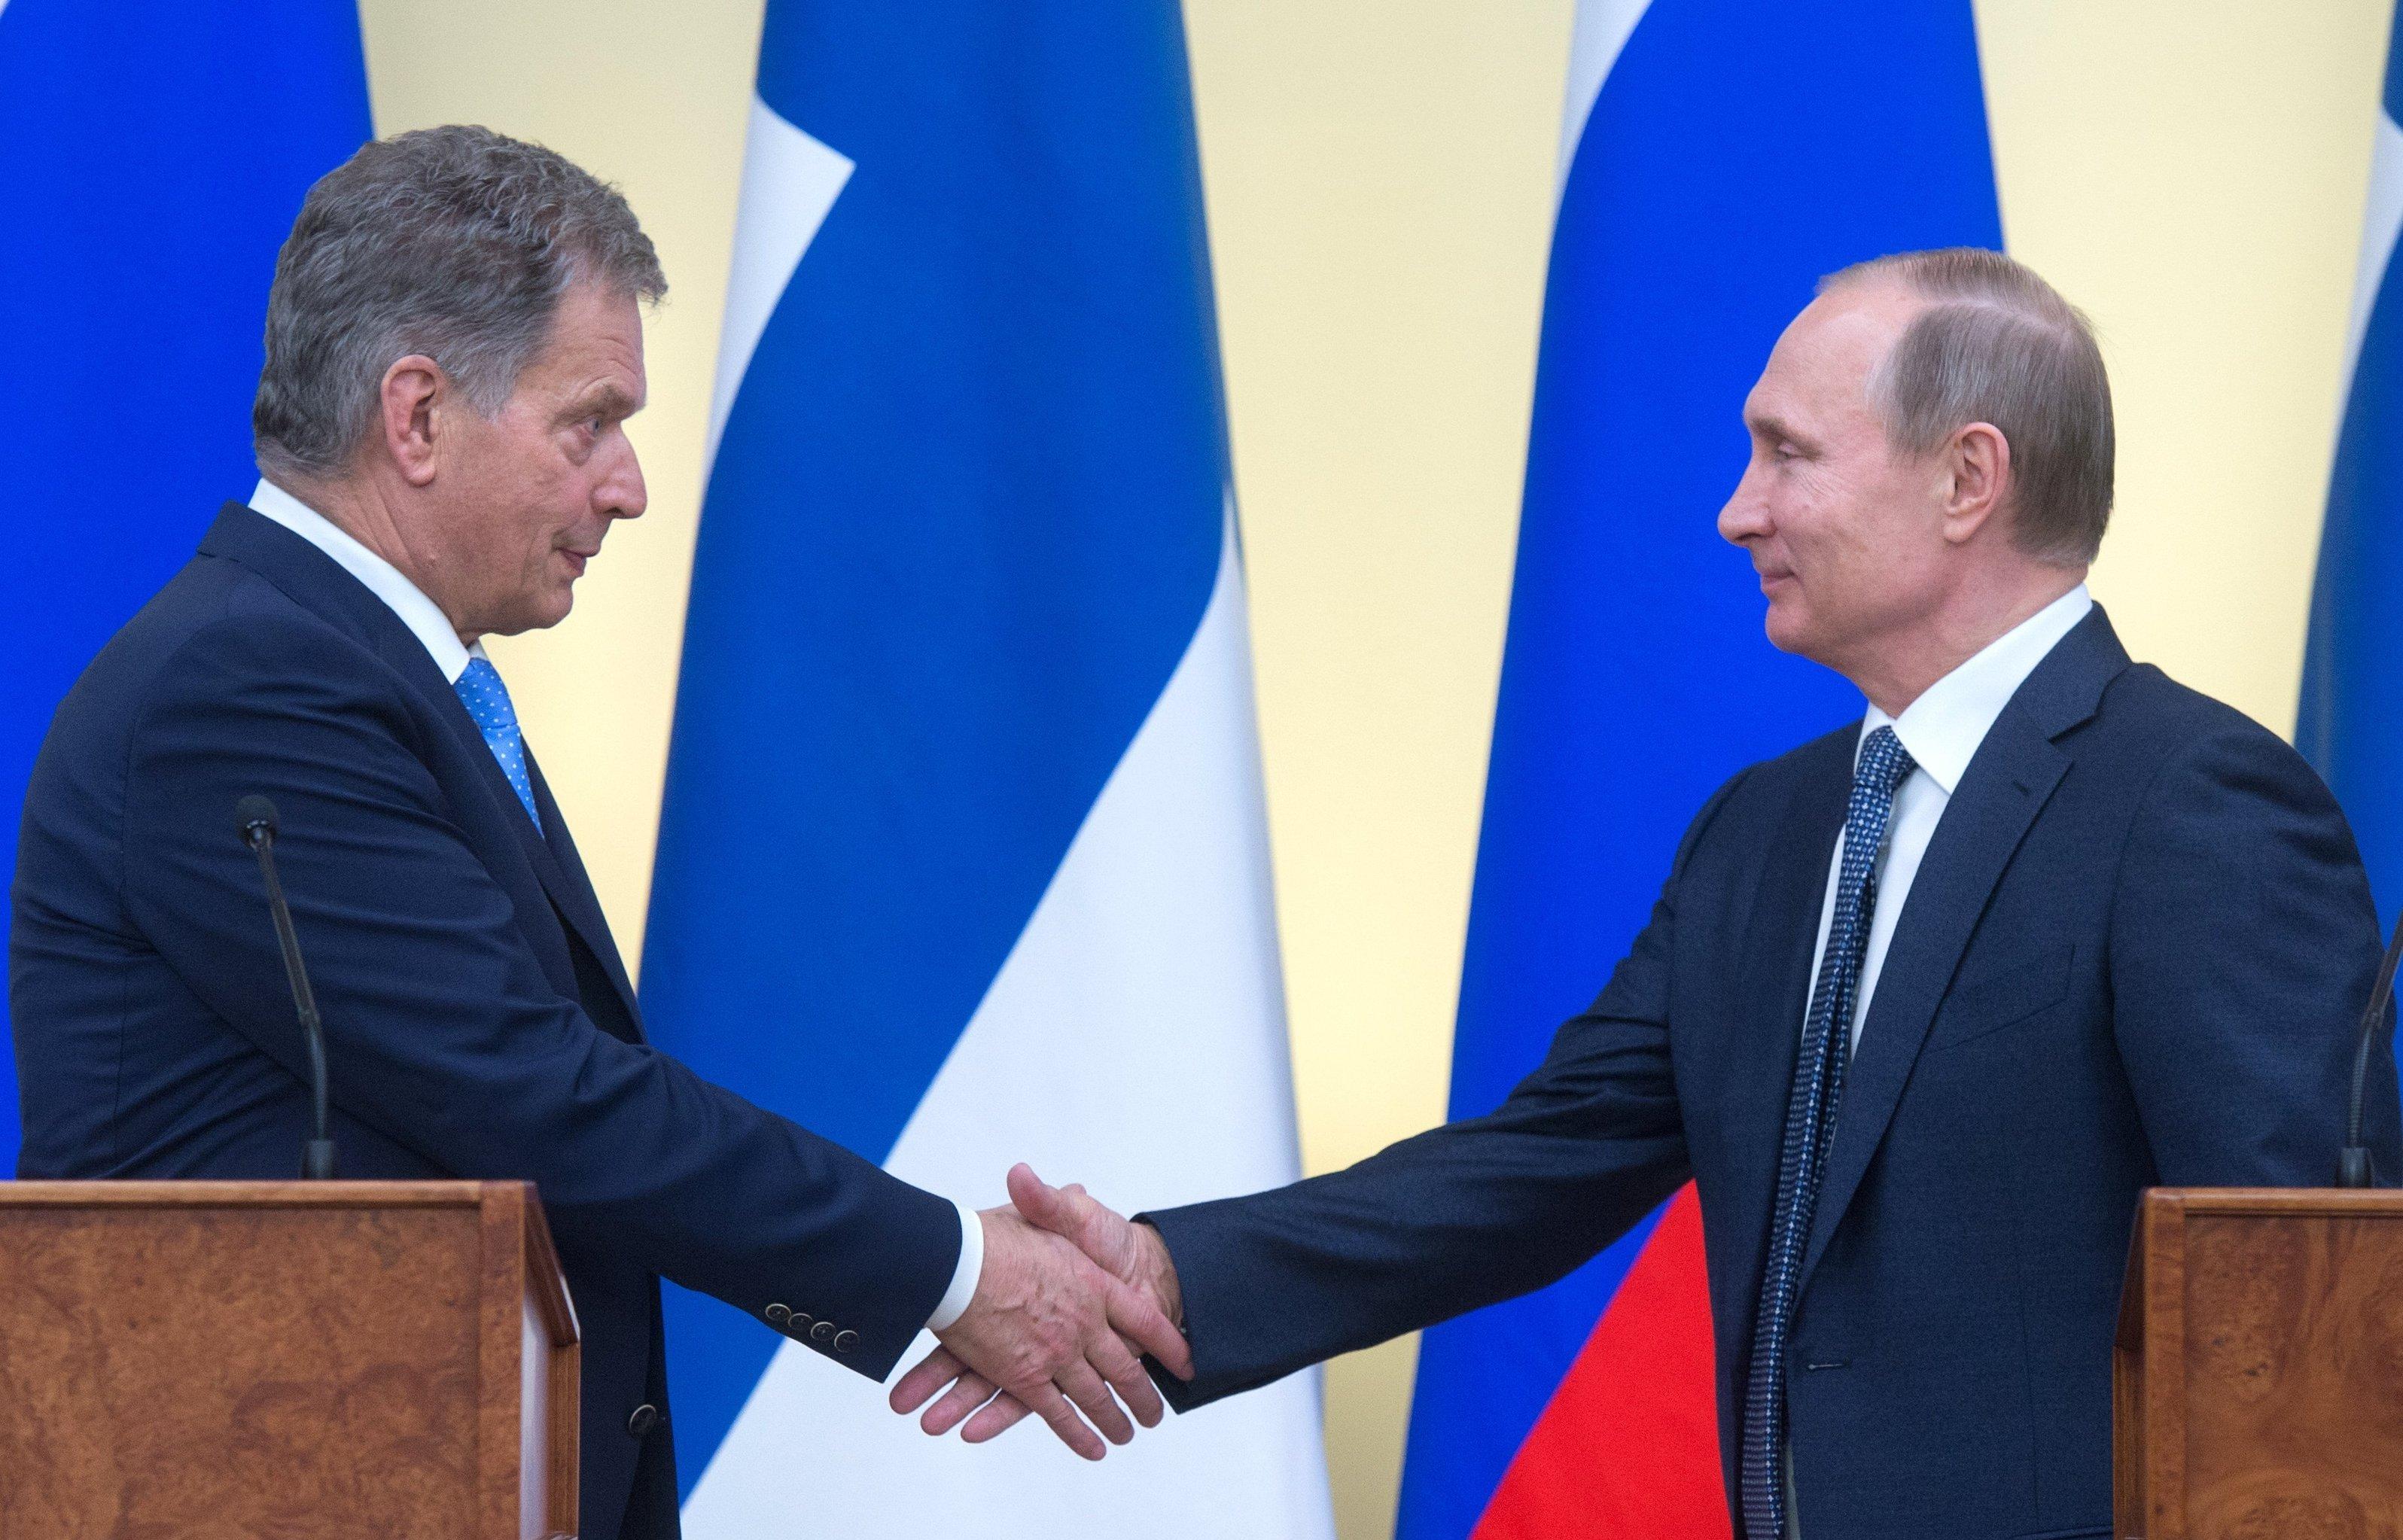 Давайте поддерживать хорошие отношения с Россией